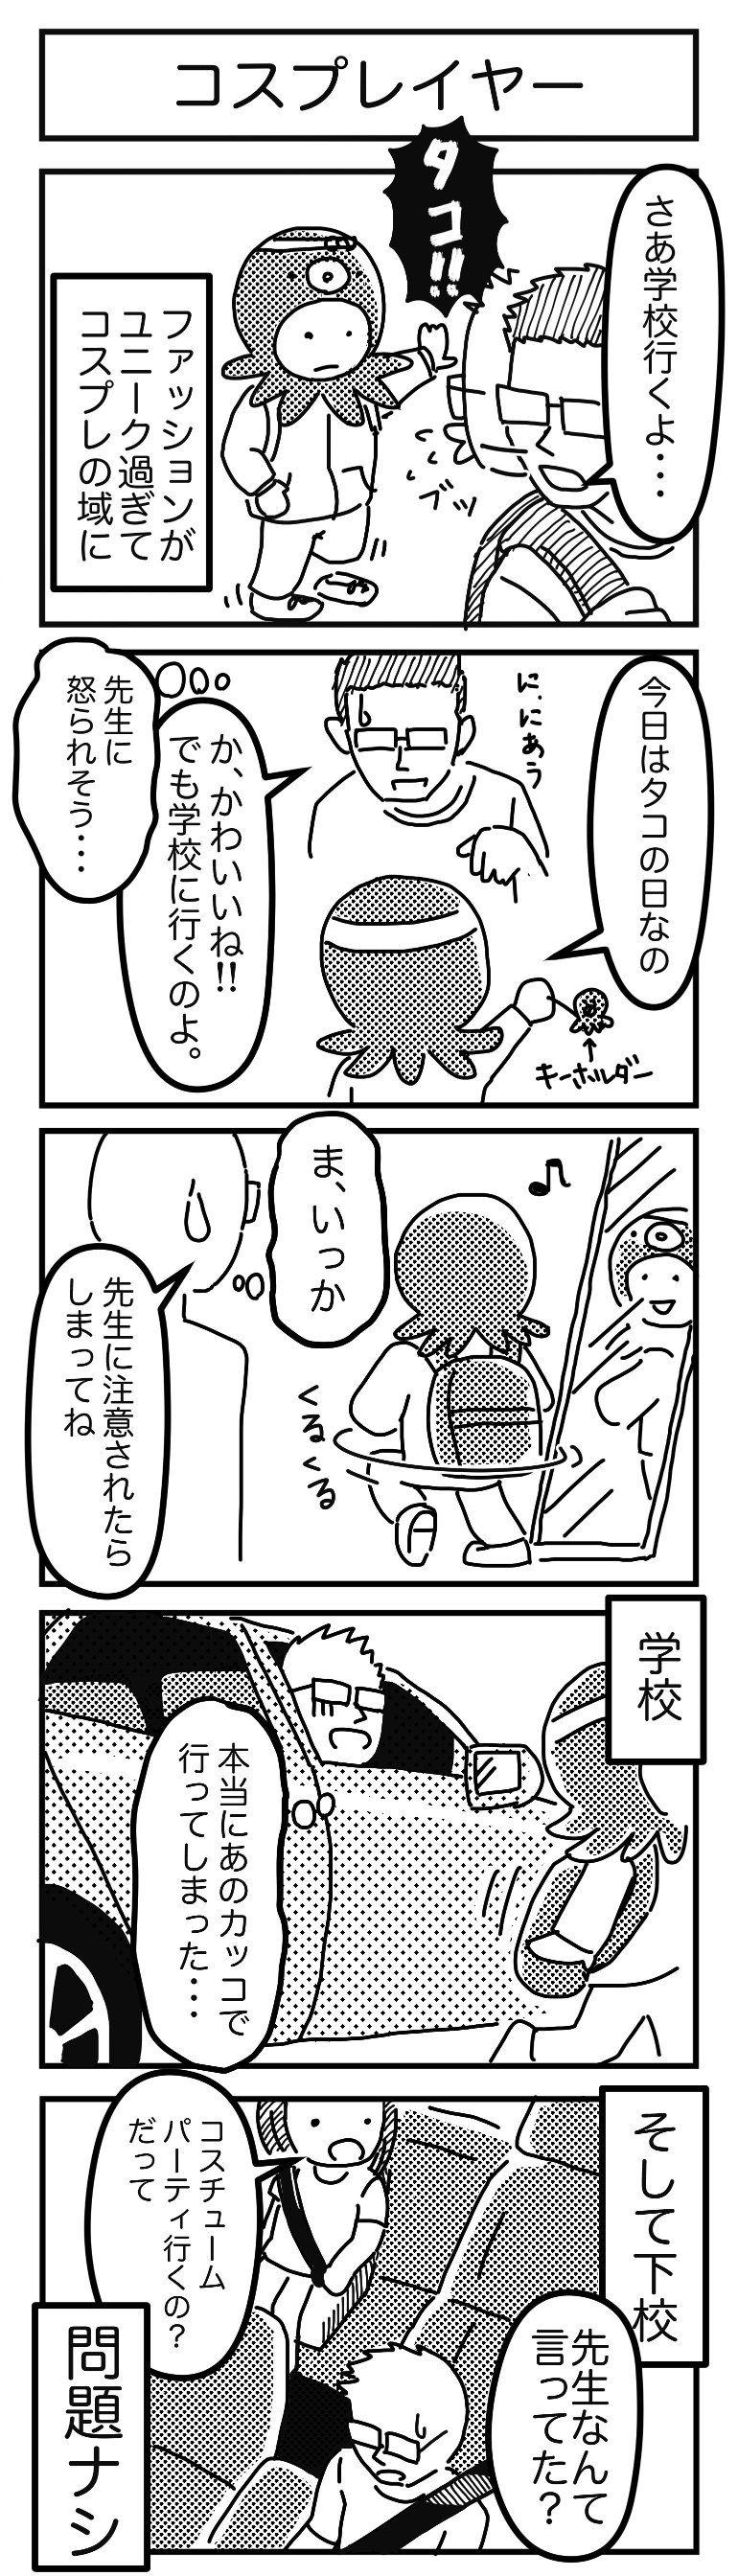 039_コスプレイヤー